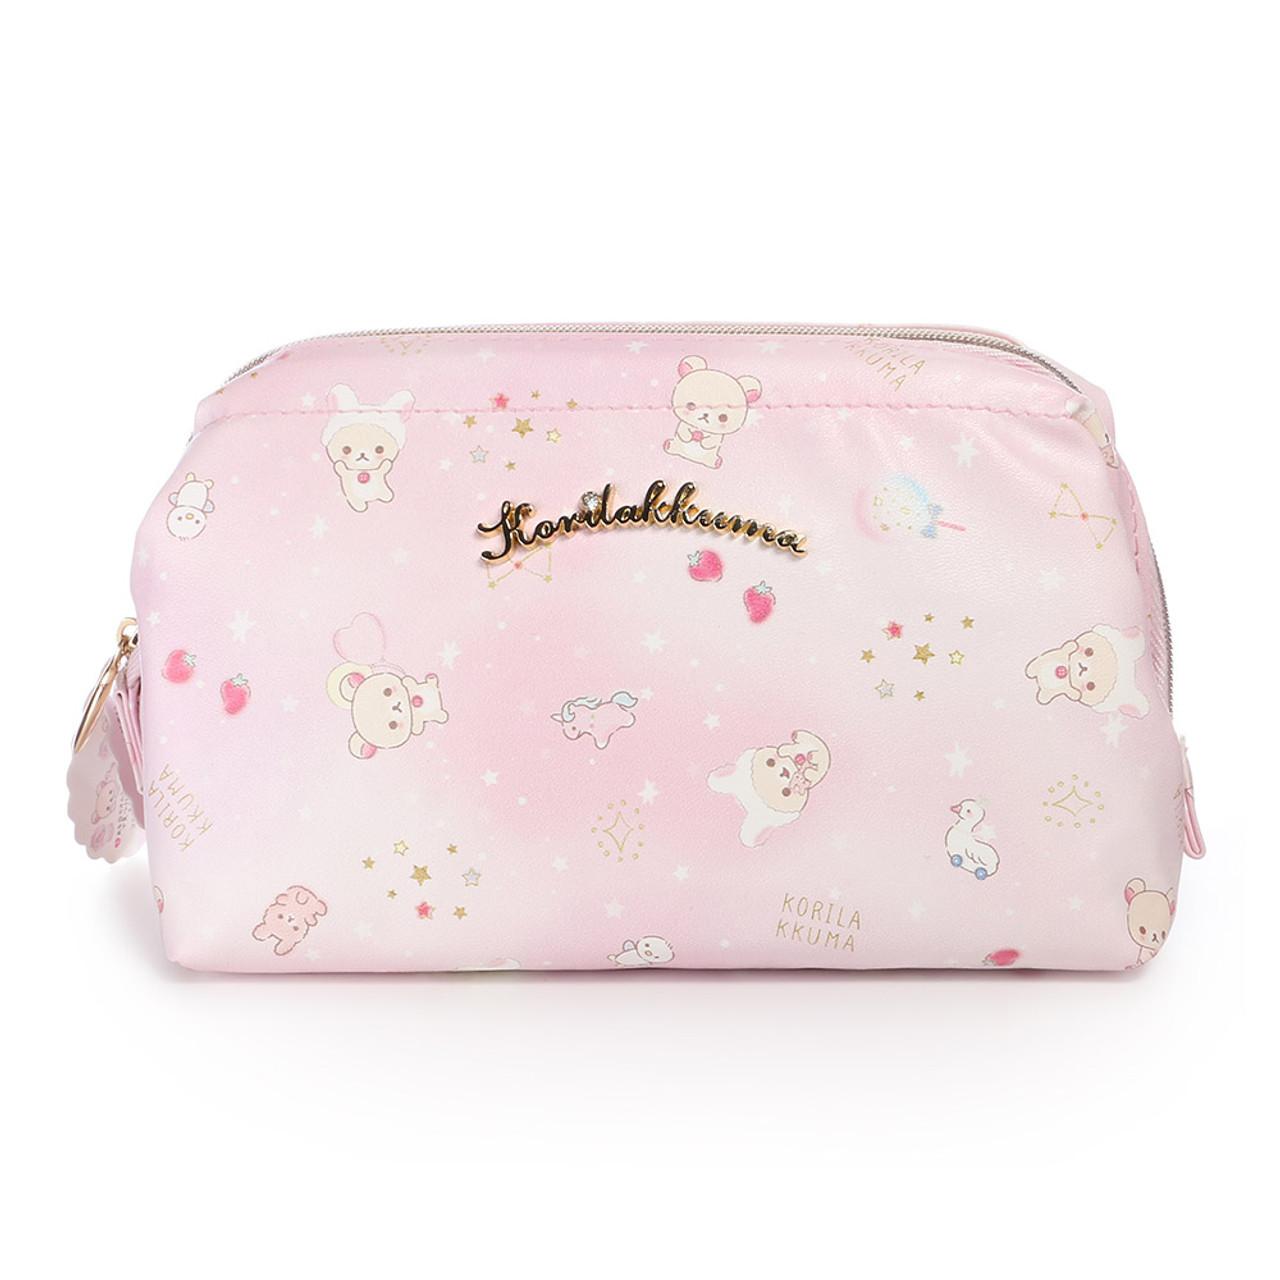 Korilakkuma Pink Fantasty Dream Cosmetic Bag ( Front View )